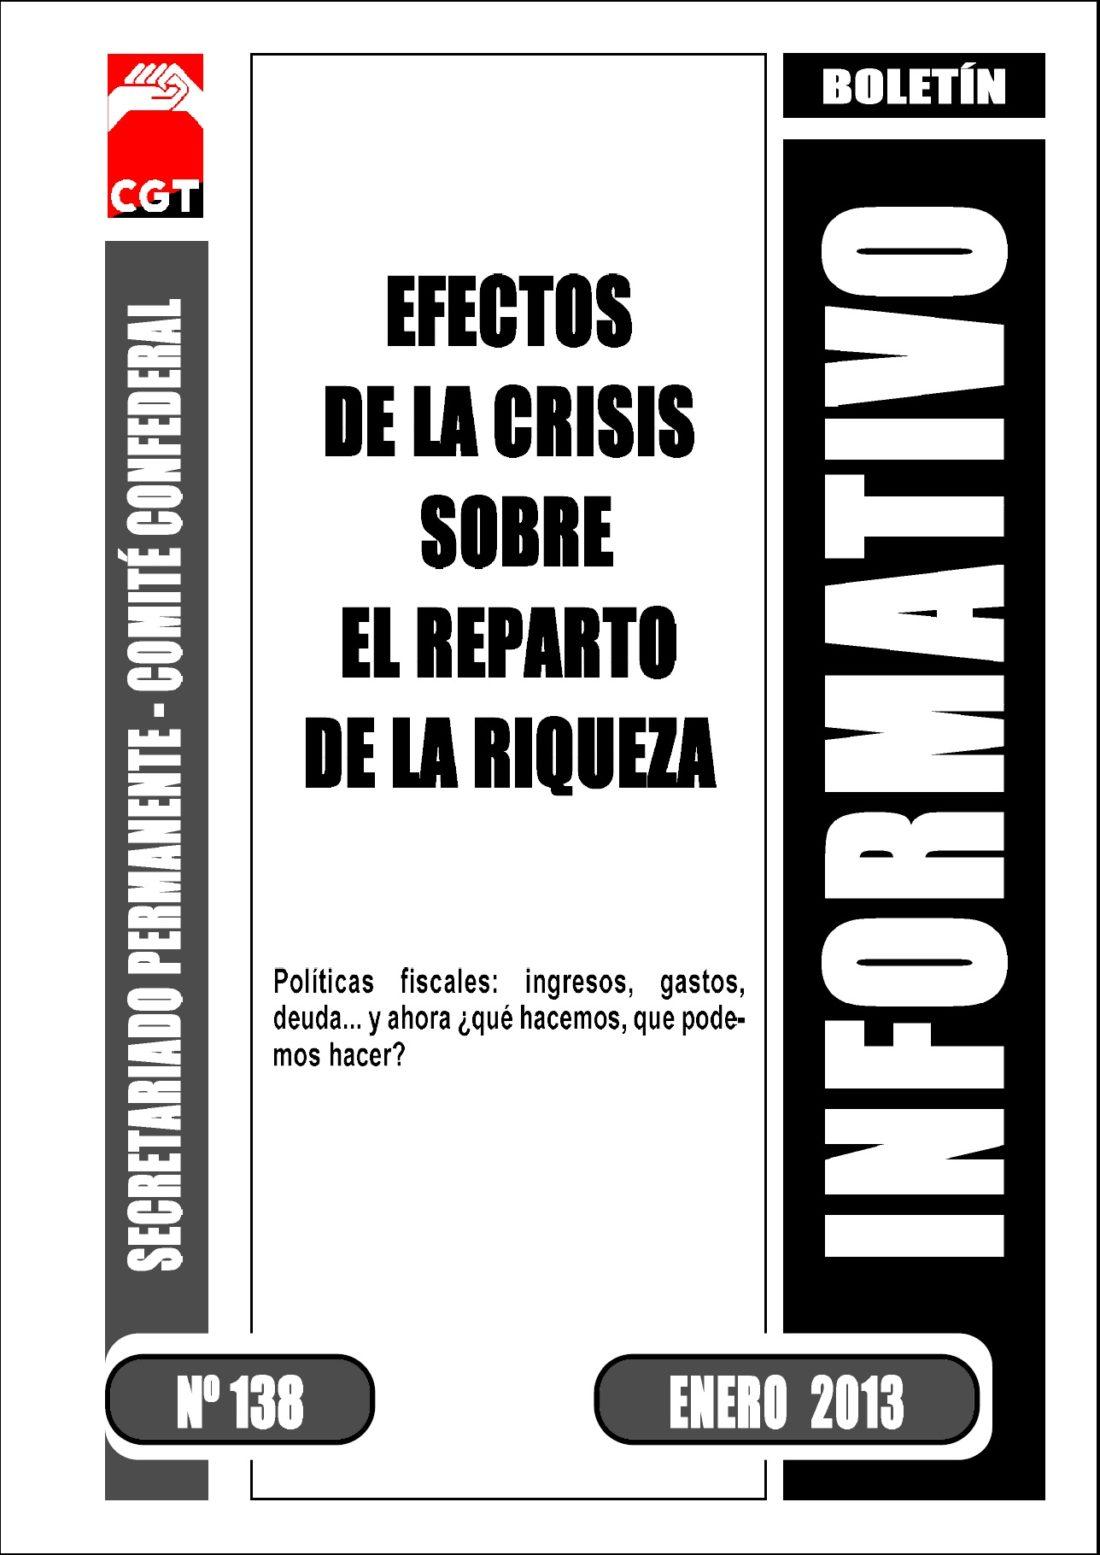 Boletín 138: Efectos de la crisis sobre el reparto de la riqueza